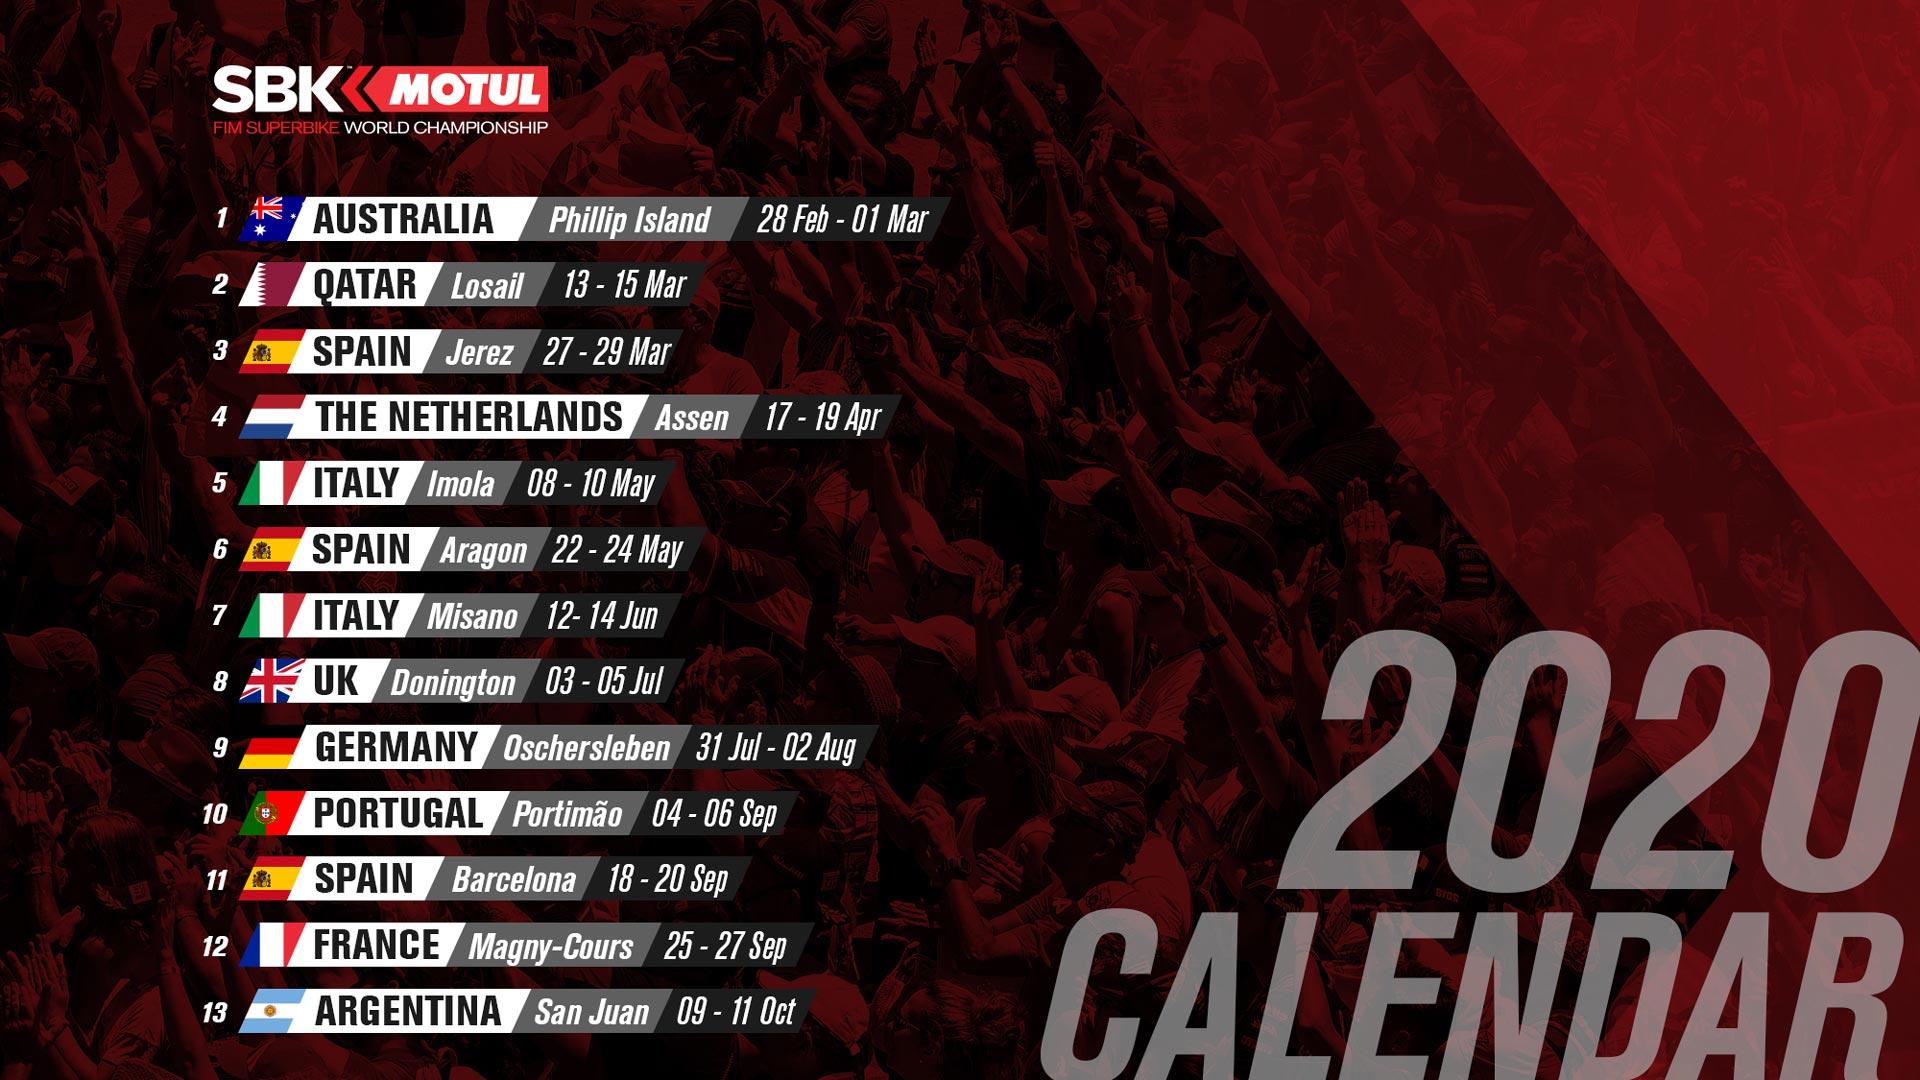 2020-worldsbk-calendar-schedule